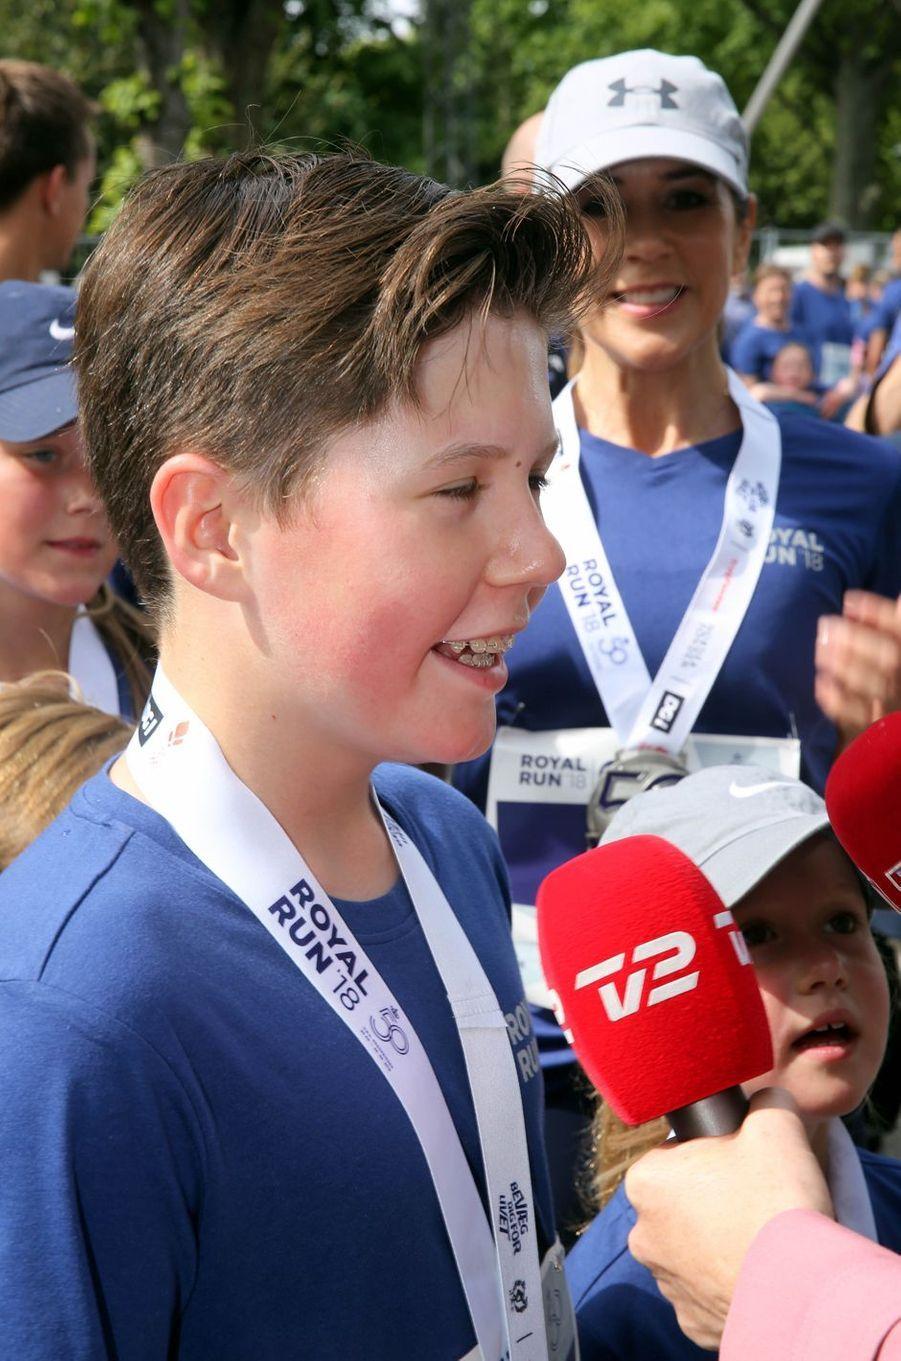 Le prince Christian de Danemark à la Royal Run à Copenhague, le 21 mai 2018